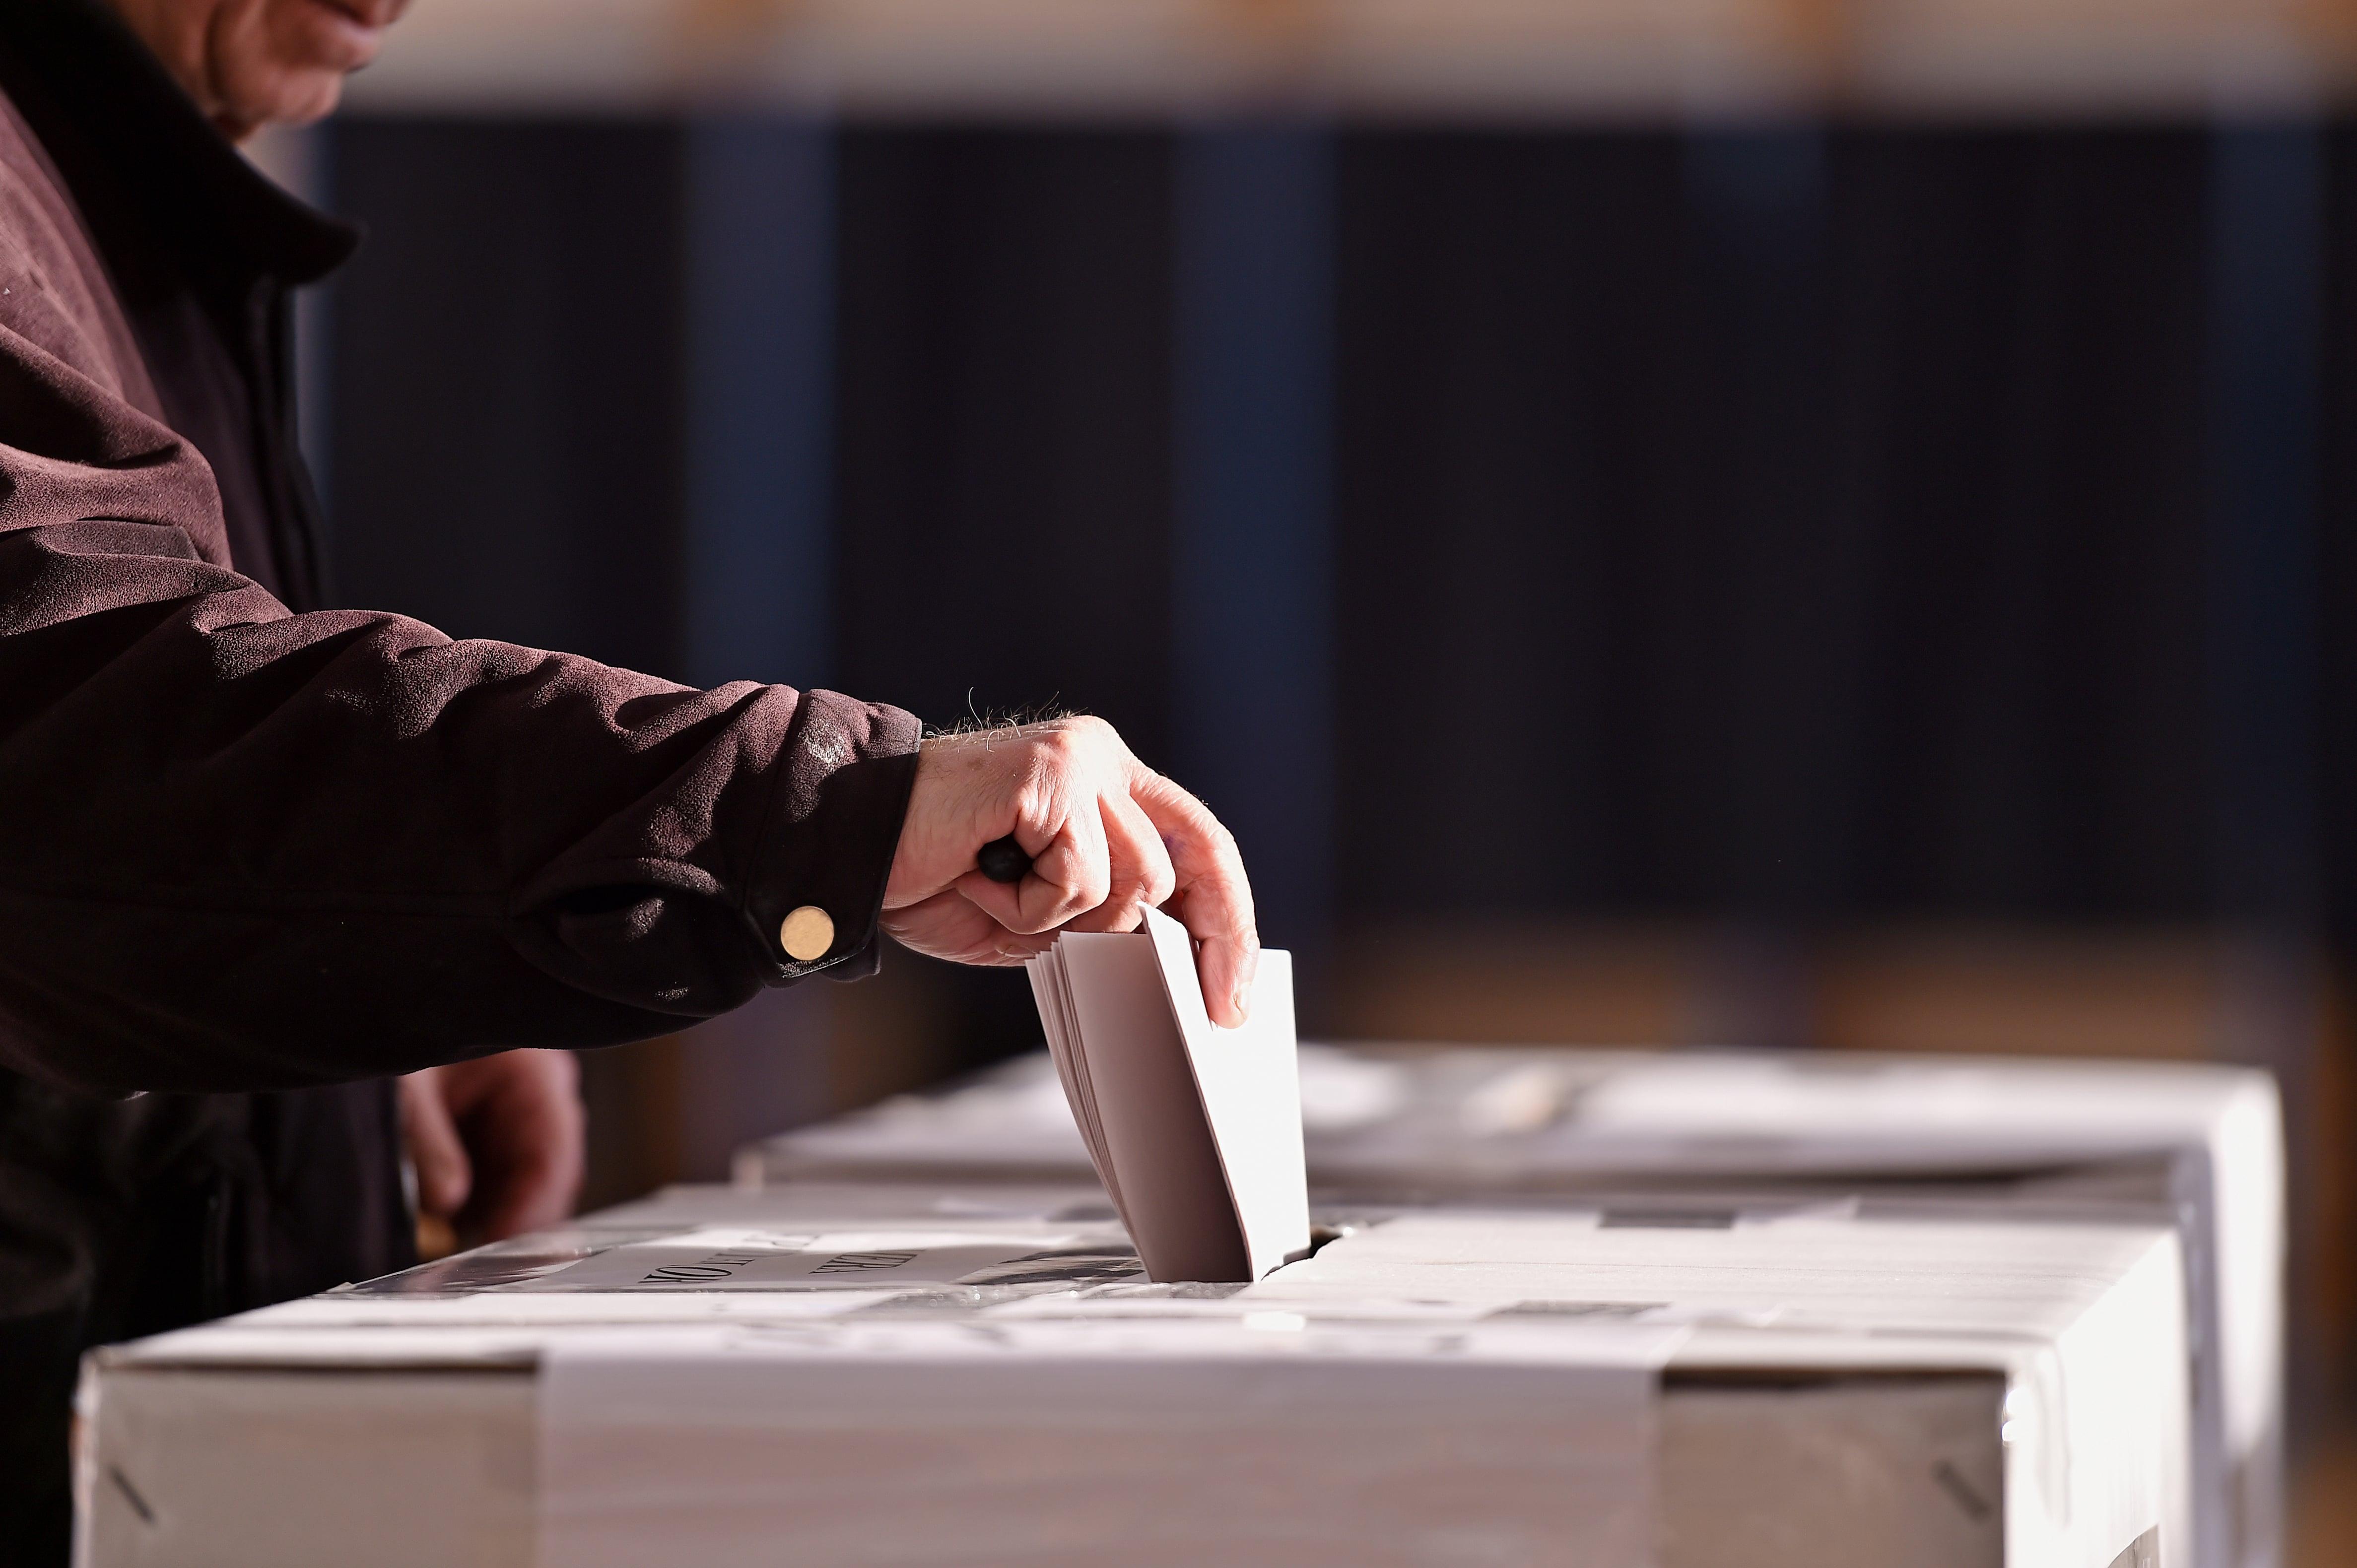 Țara unde aproape 600 de persoane şi-au depus candidatura pentru alegerile prezidenţiale